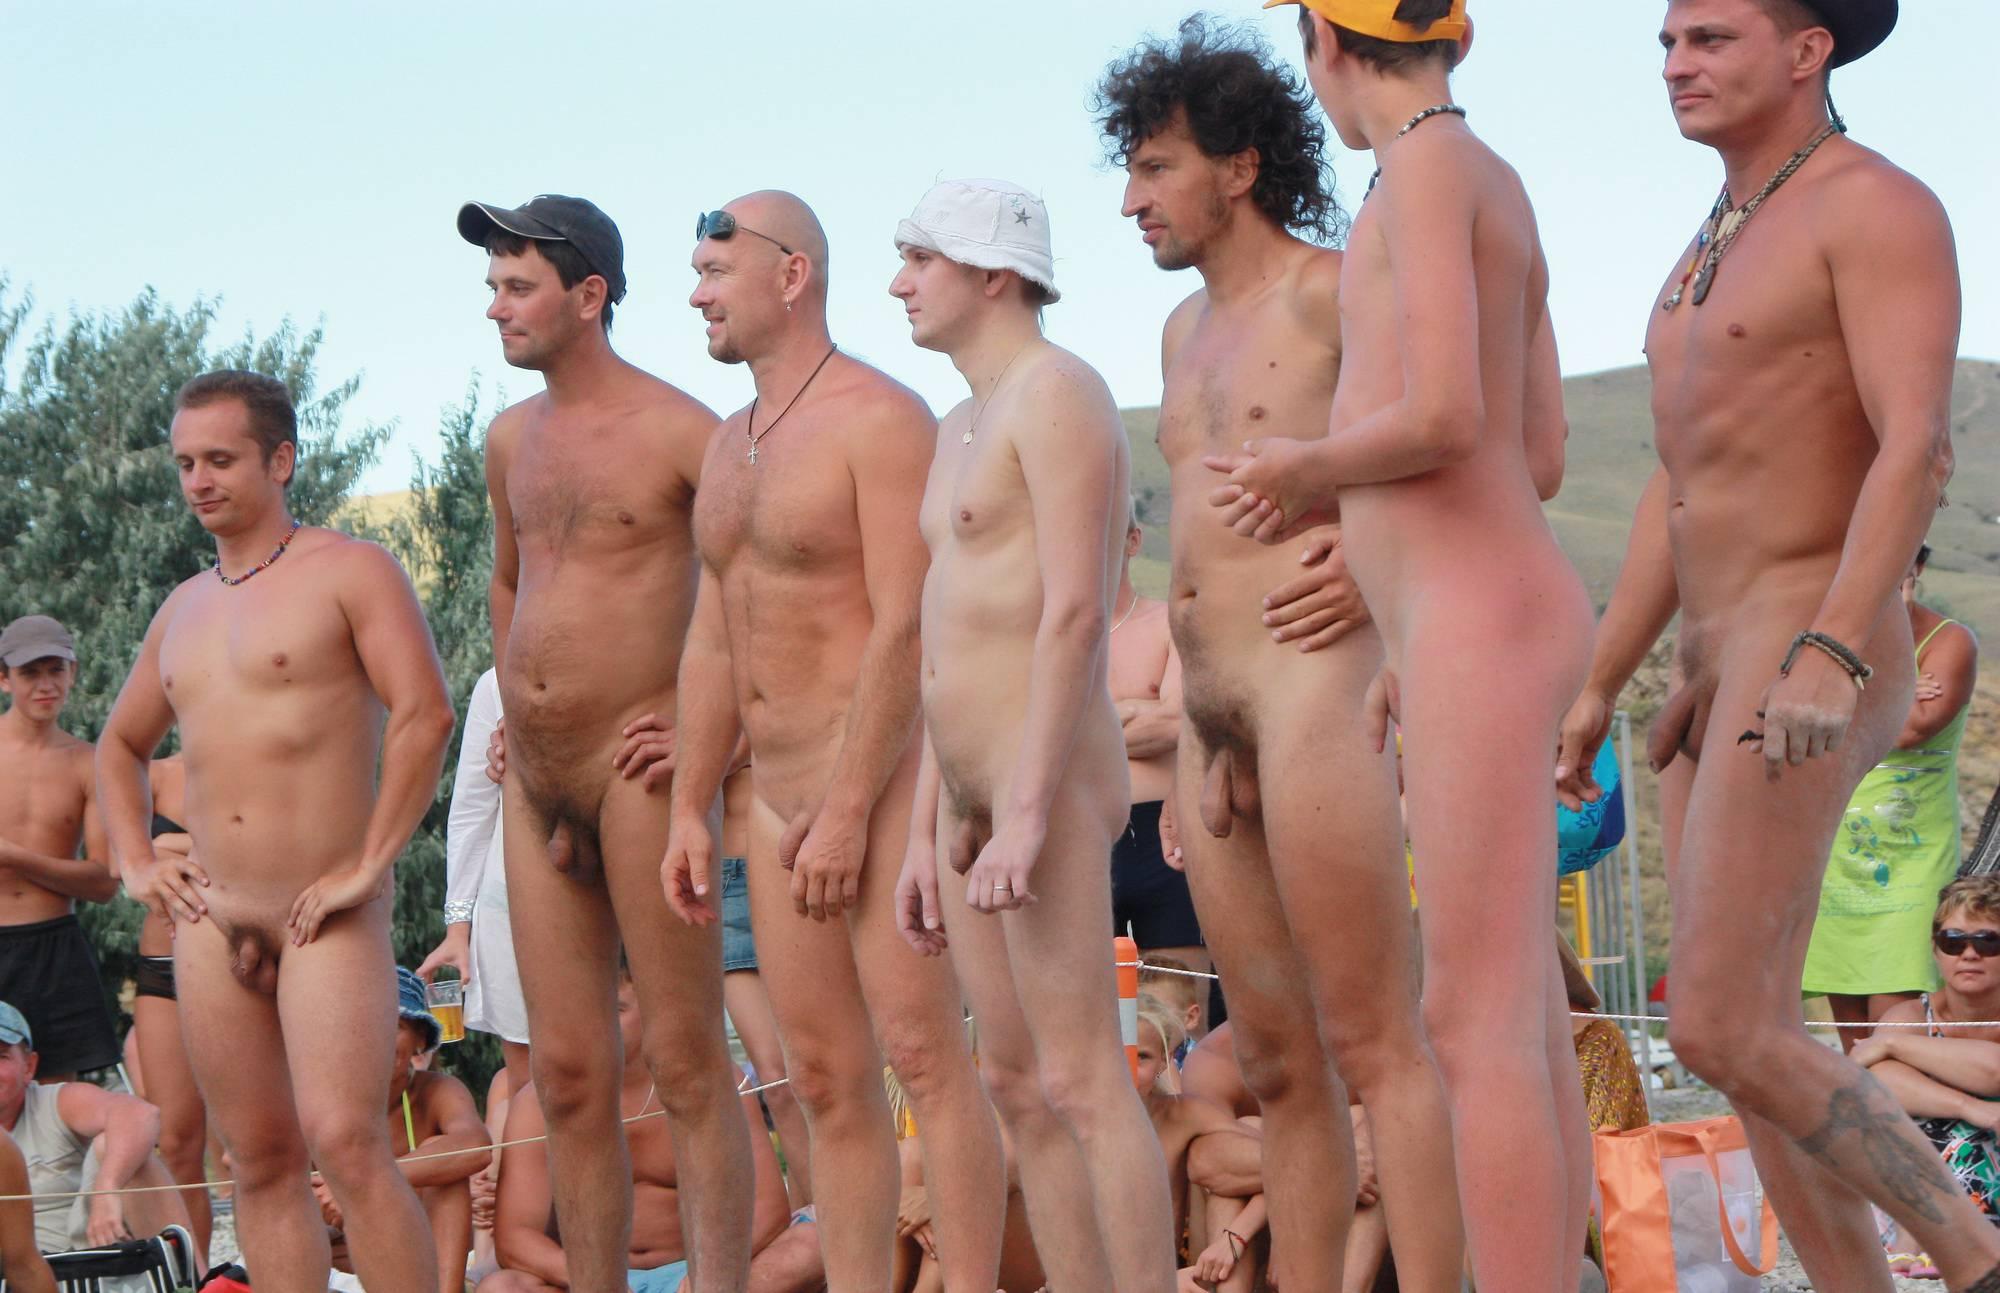 Nudist Pictures Ukrainian Men Day Lineup - 2